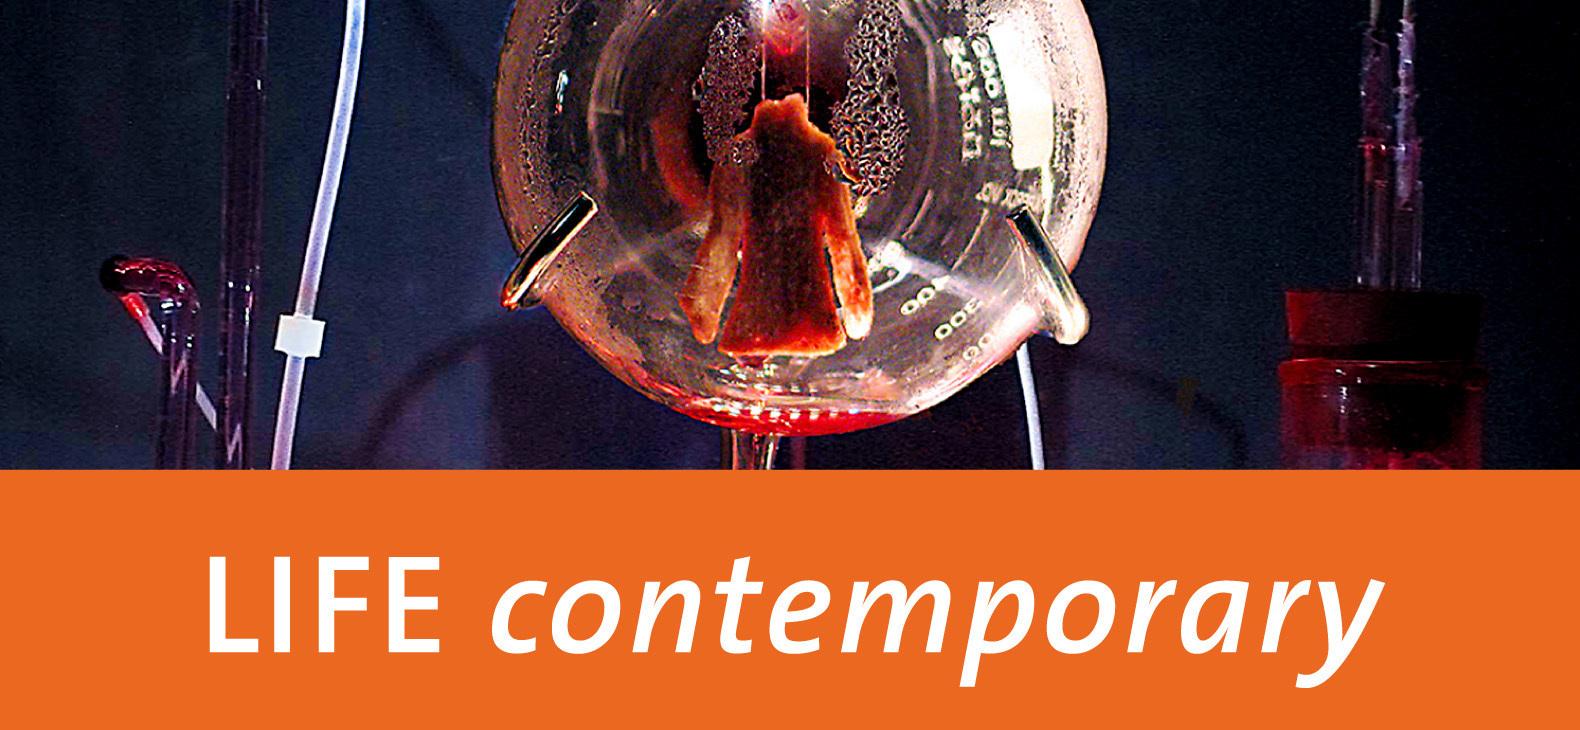 LIFE contemporary